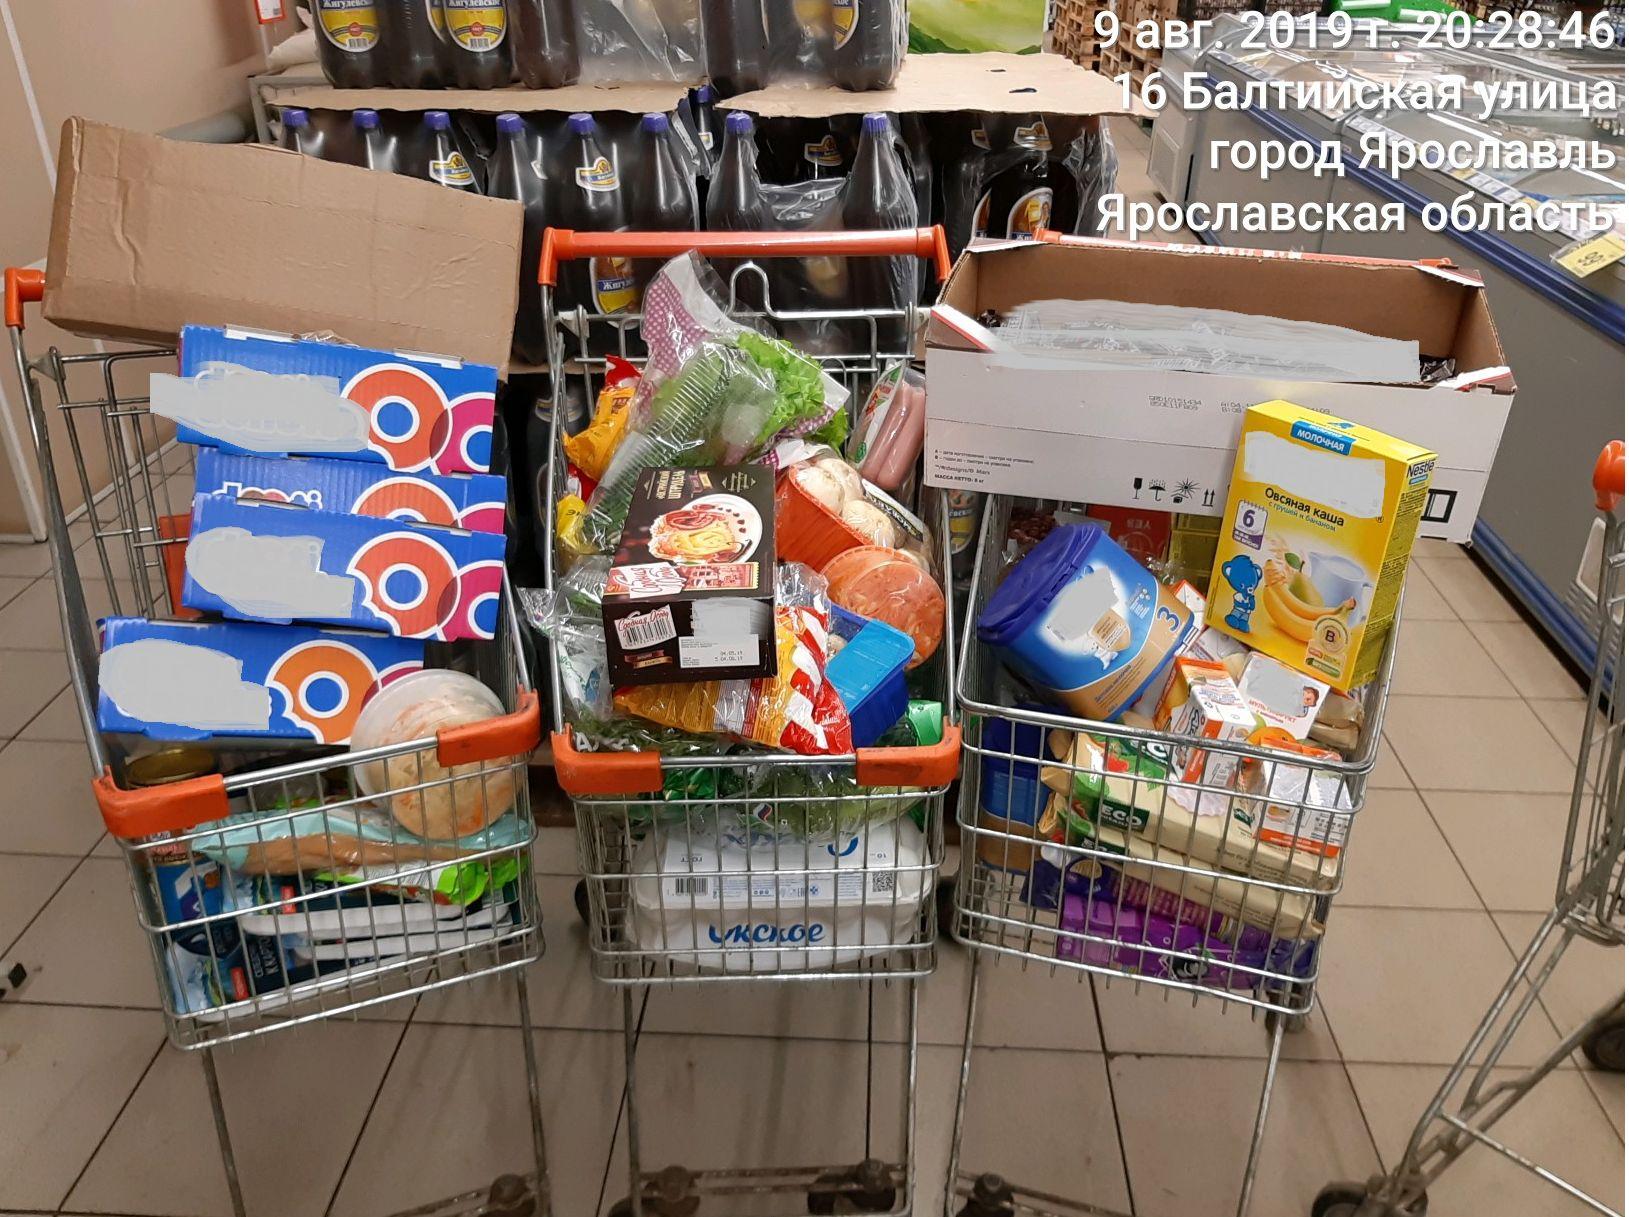 Проверка в ярославских супермаркетах: просроченное детское питание, вздутые салаты и нашествие крыс